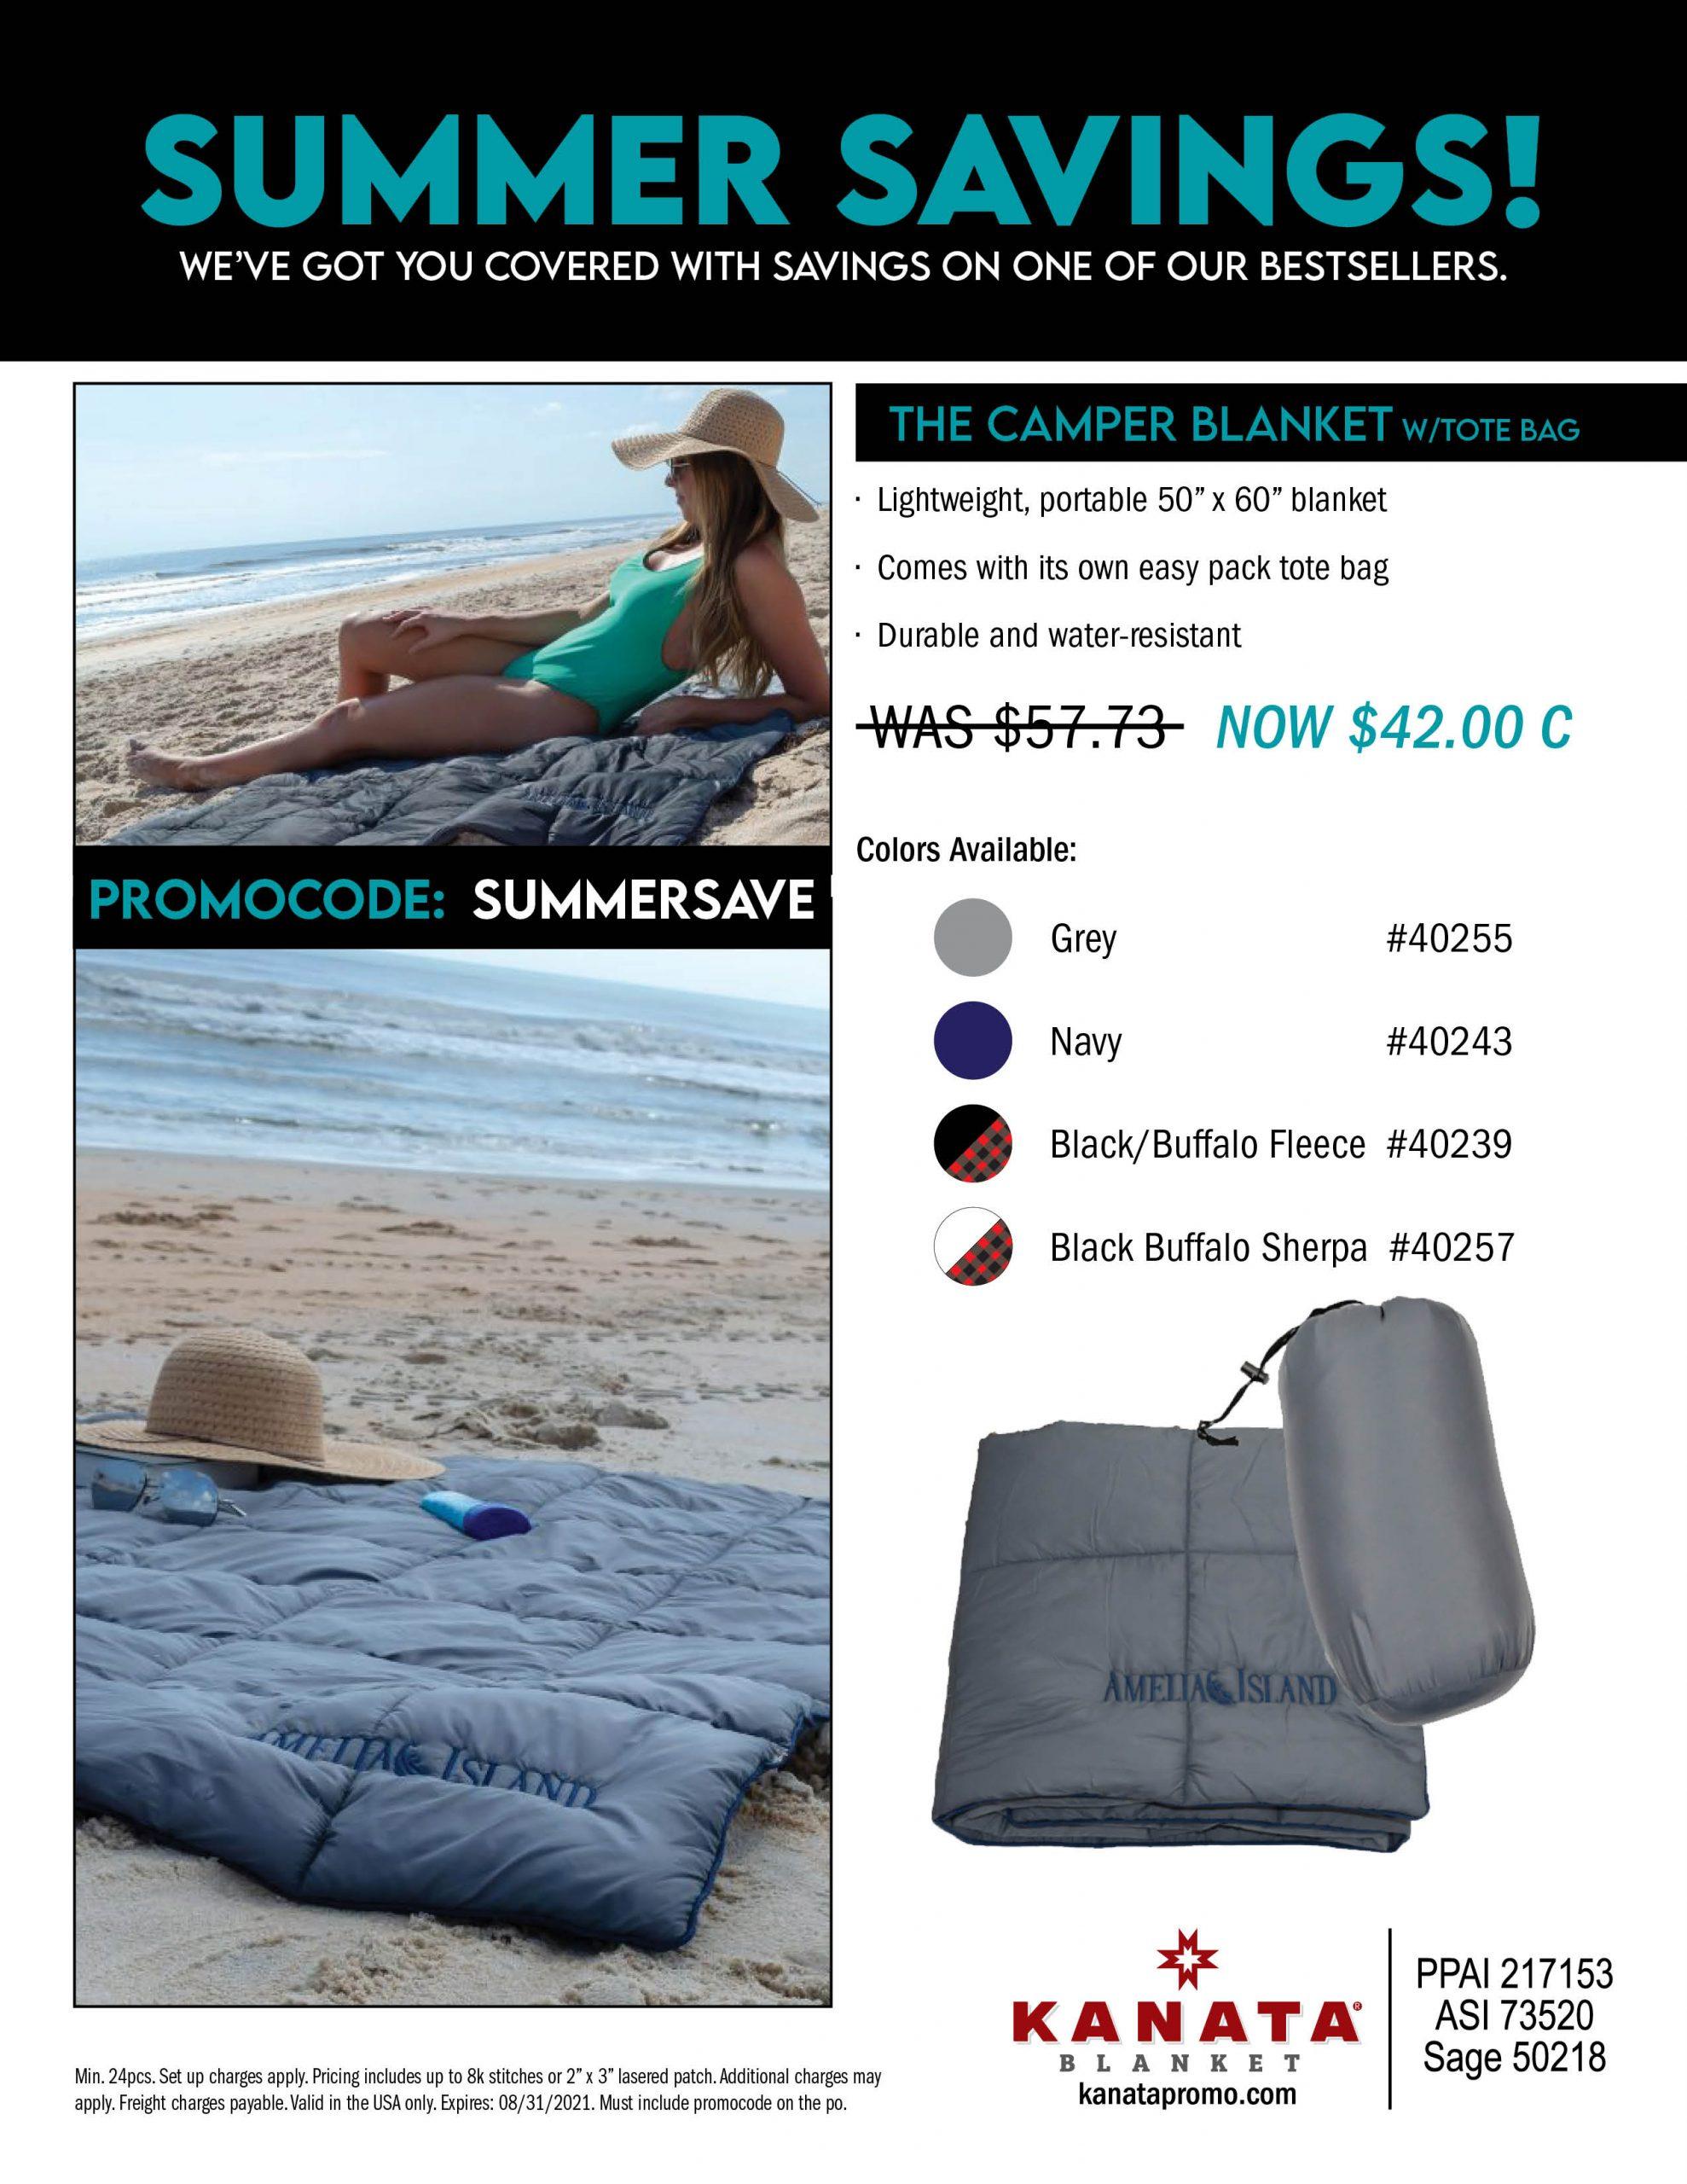 Summer Savings Camper Blanket